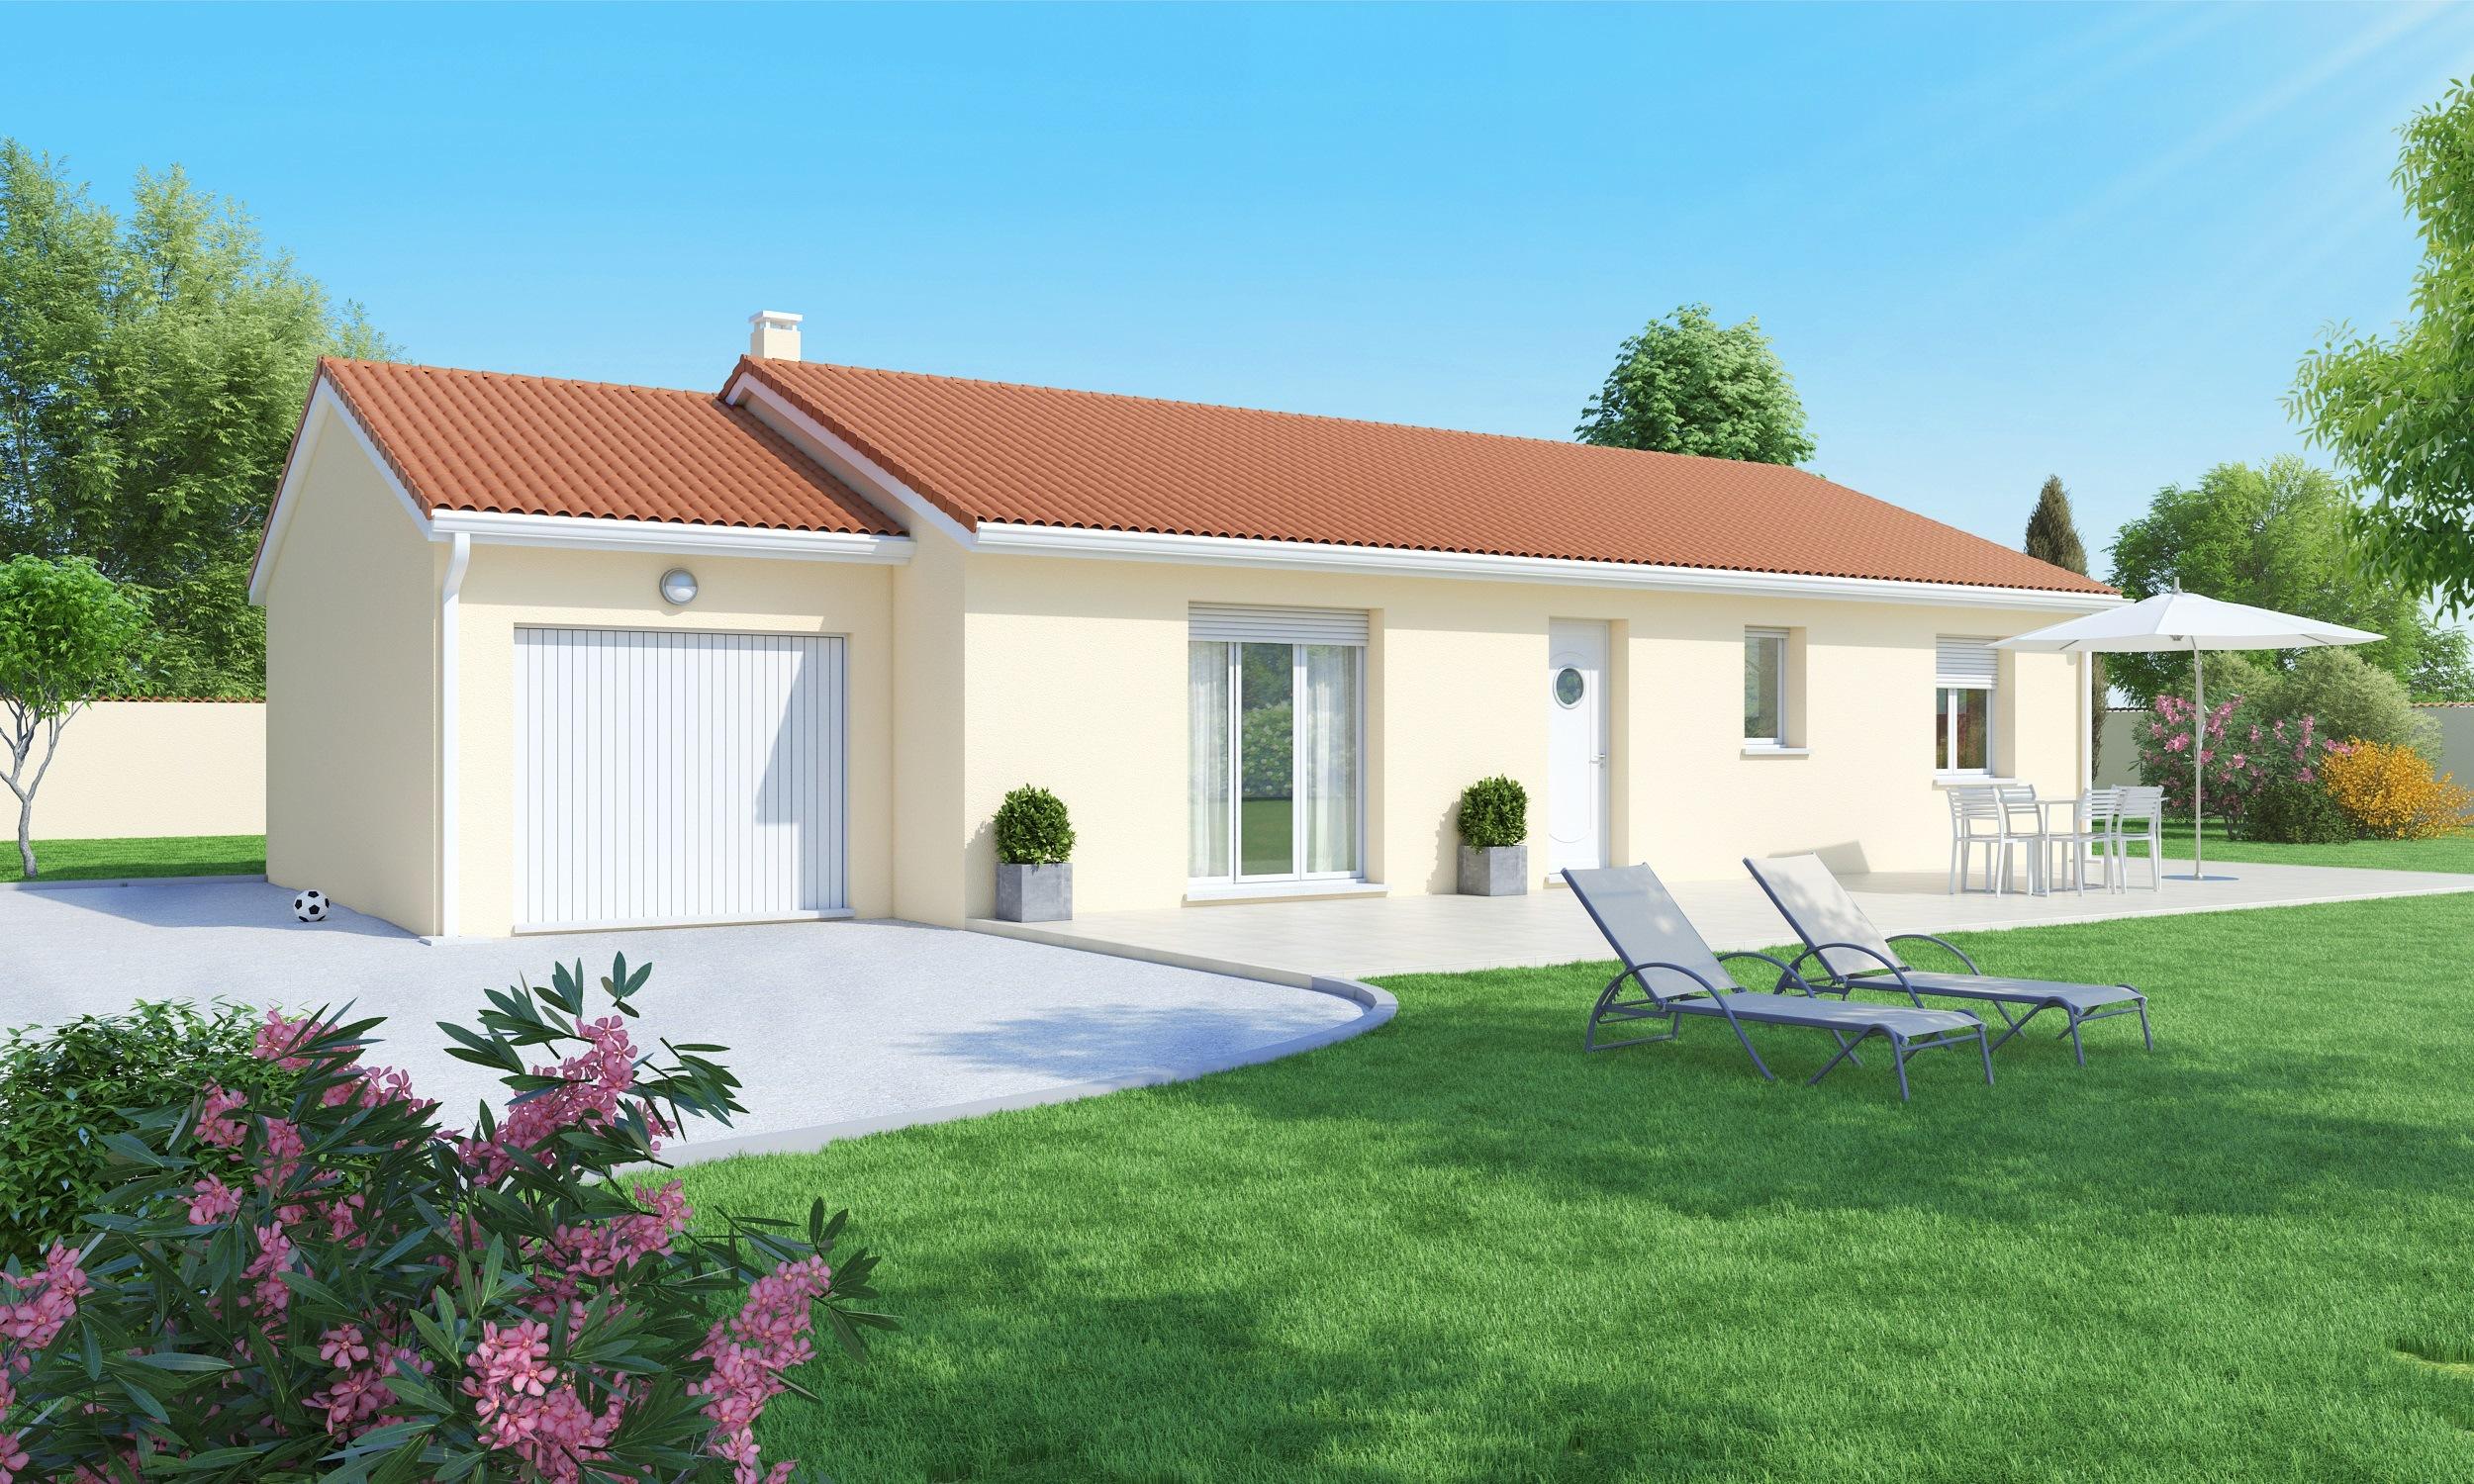 Maisons + Terrains du constructeur MAISONS AXIAL • 80 m² • LA TOUR DU PIN